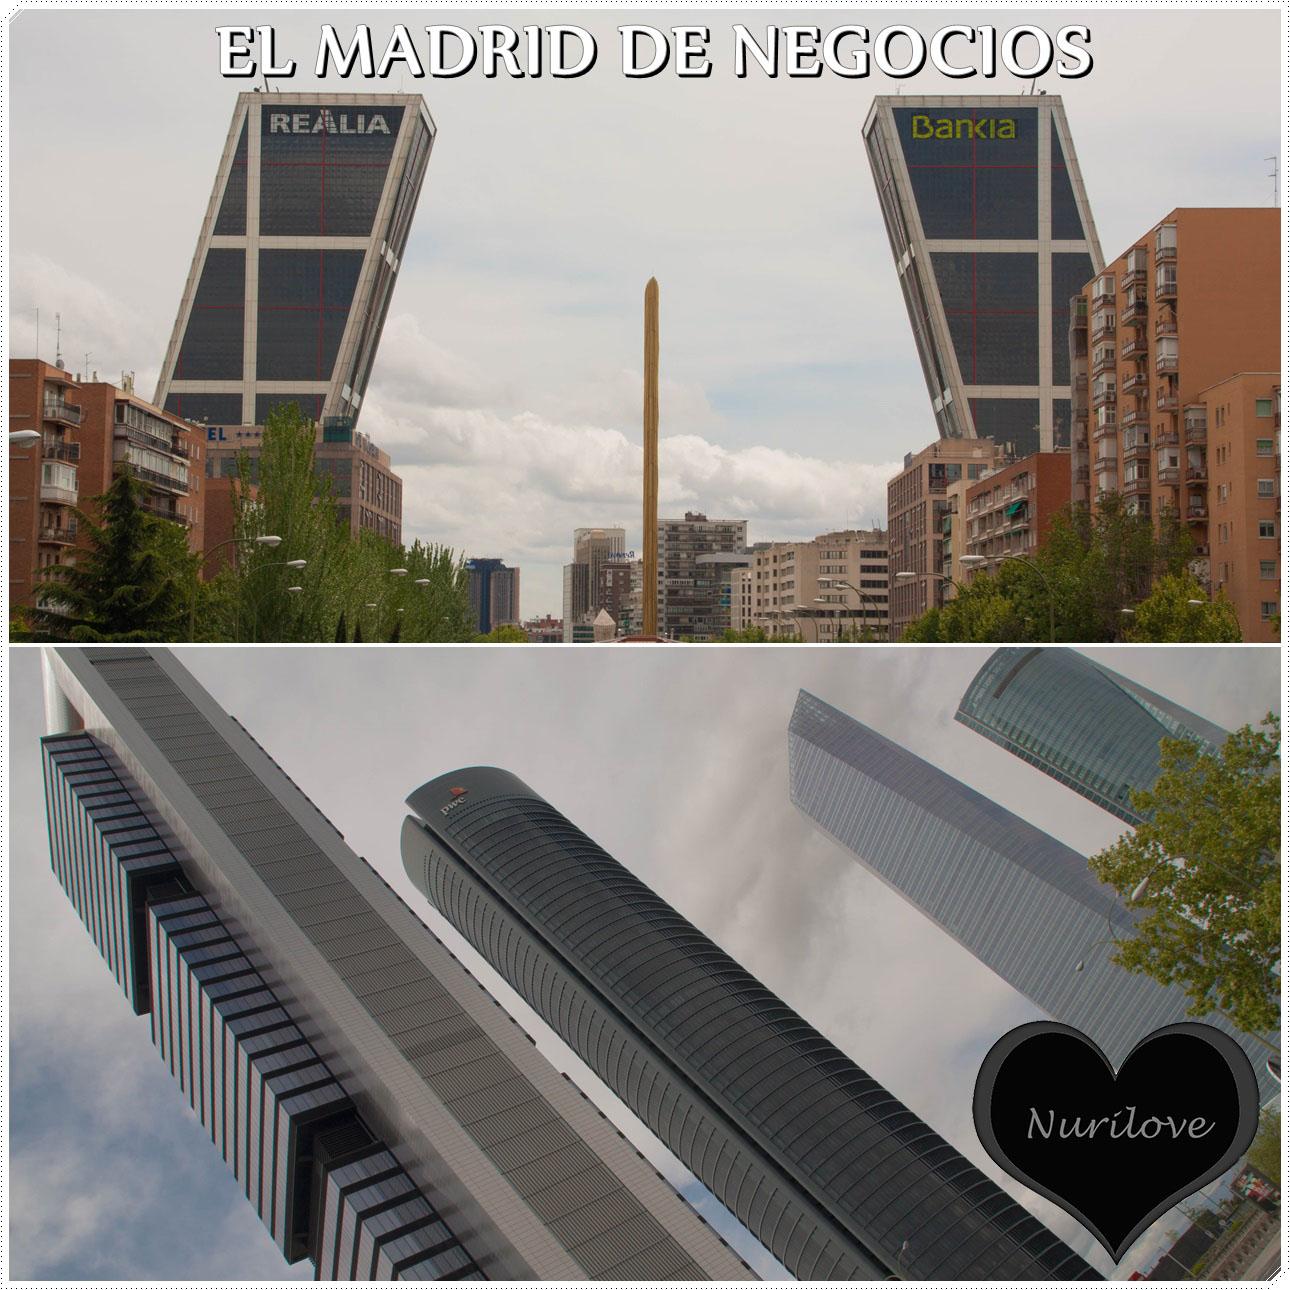 Otra imagen de Madrid, nos acercamos a la zona de negocios de Madrid